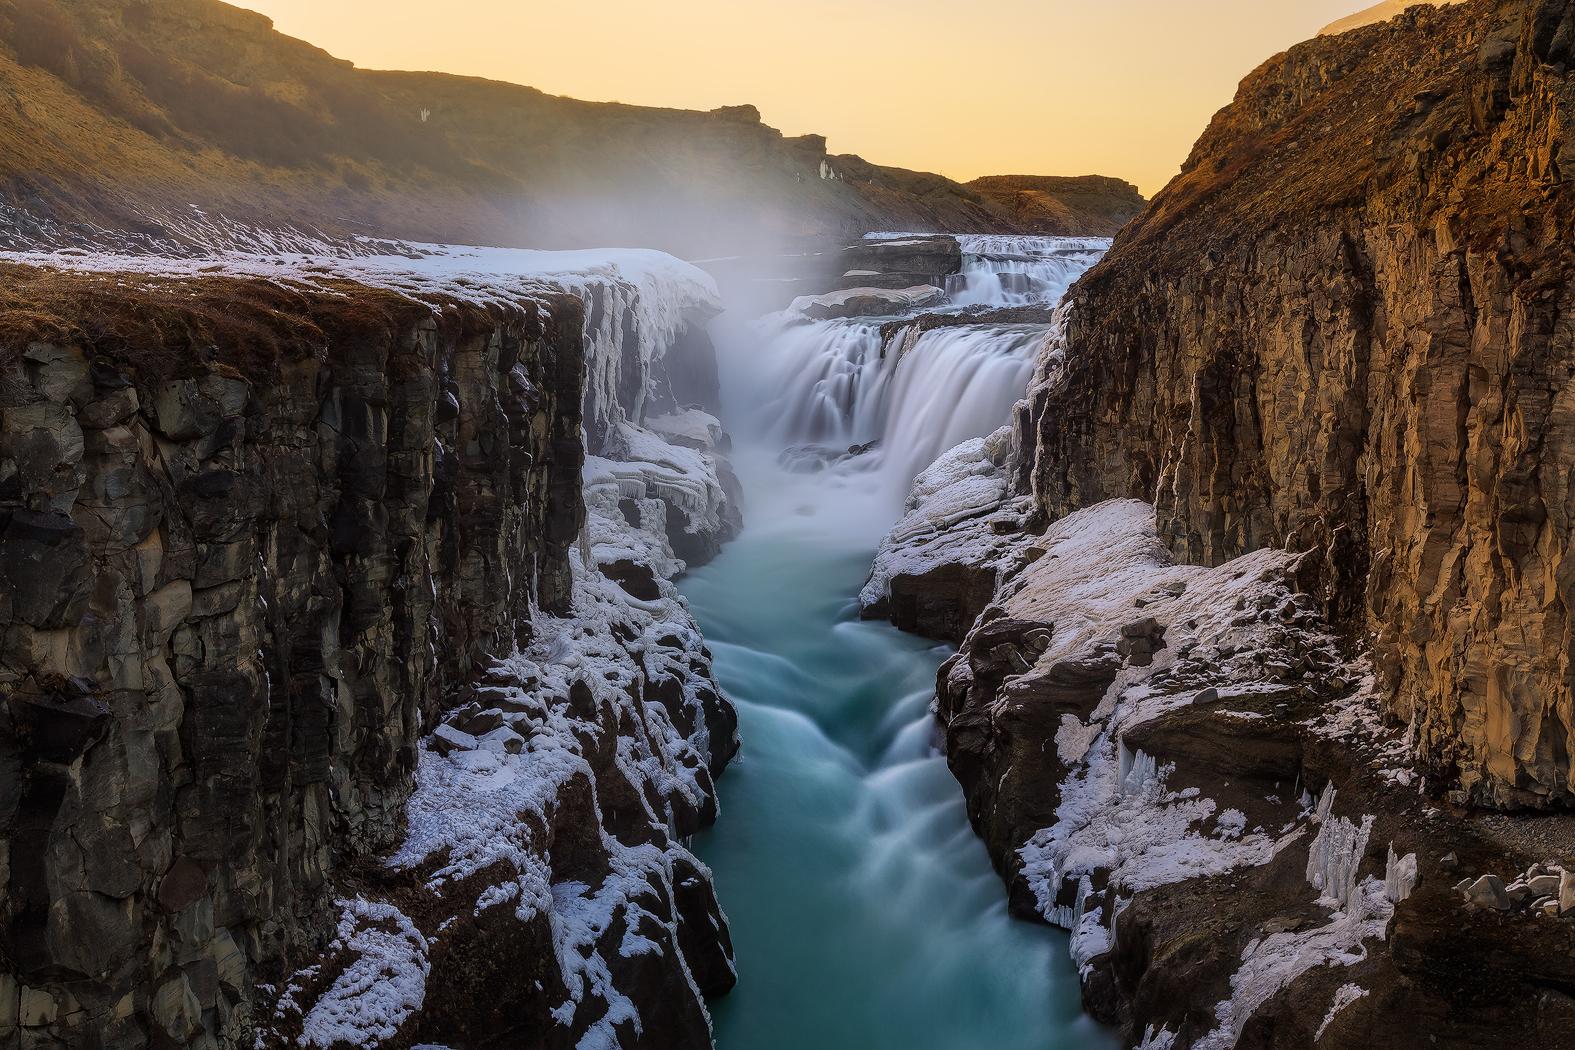 Der Wasserfall Gullfoss ergießt sich in zwei Stufen in eine tiefe Schlucht.